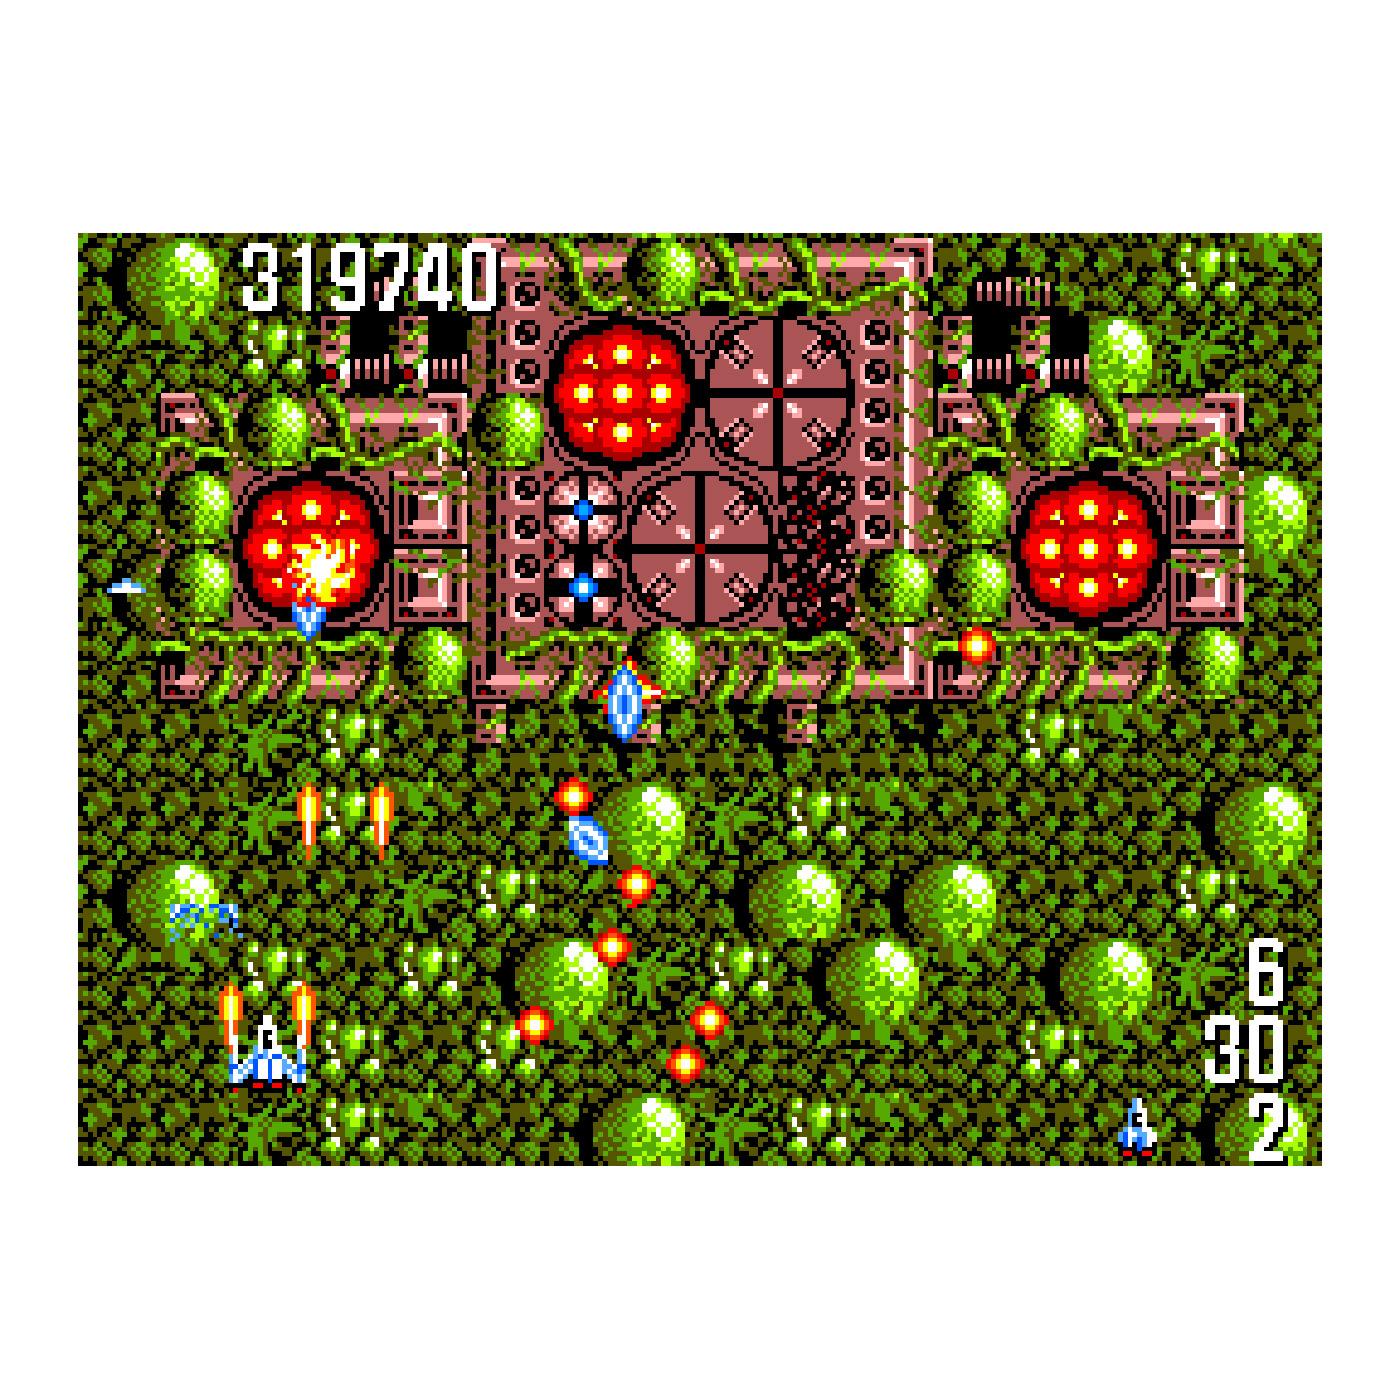 アレスタコレクション ゲームギアミクロ同梱版 【Switchゲームソフト】_4